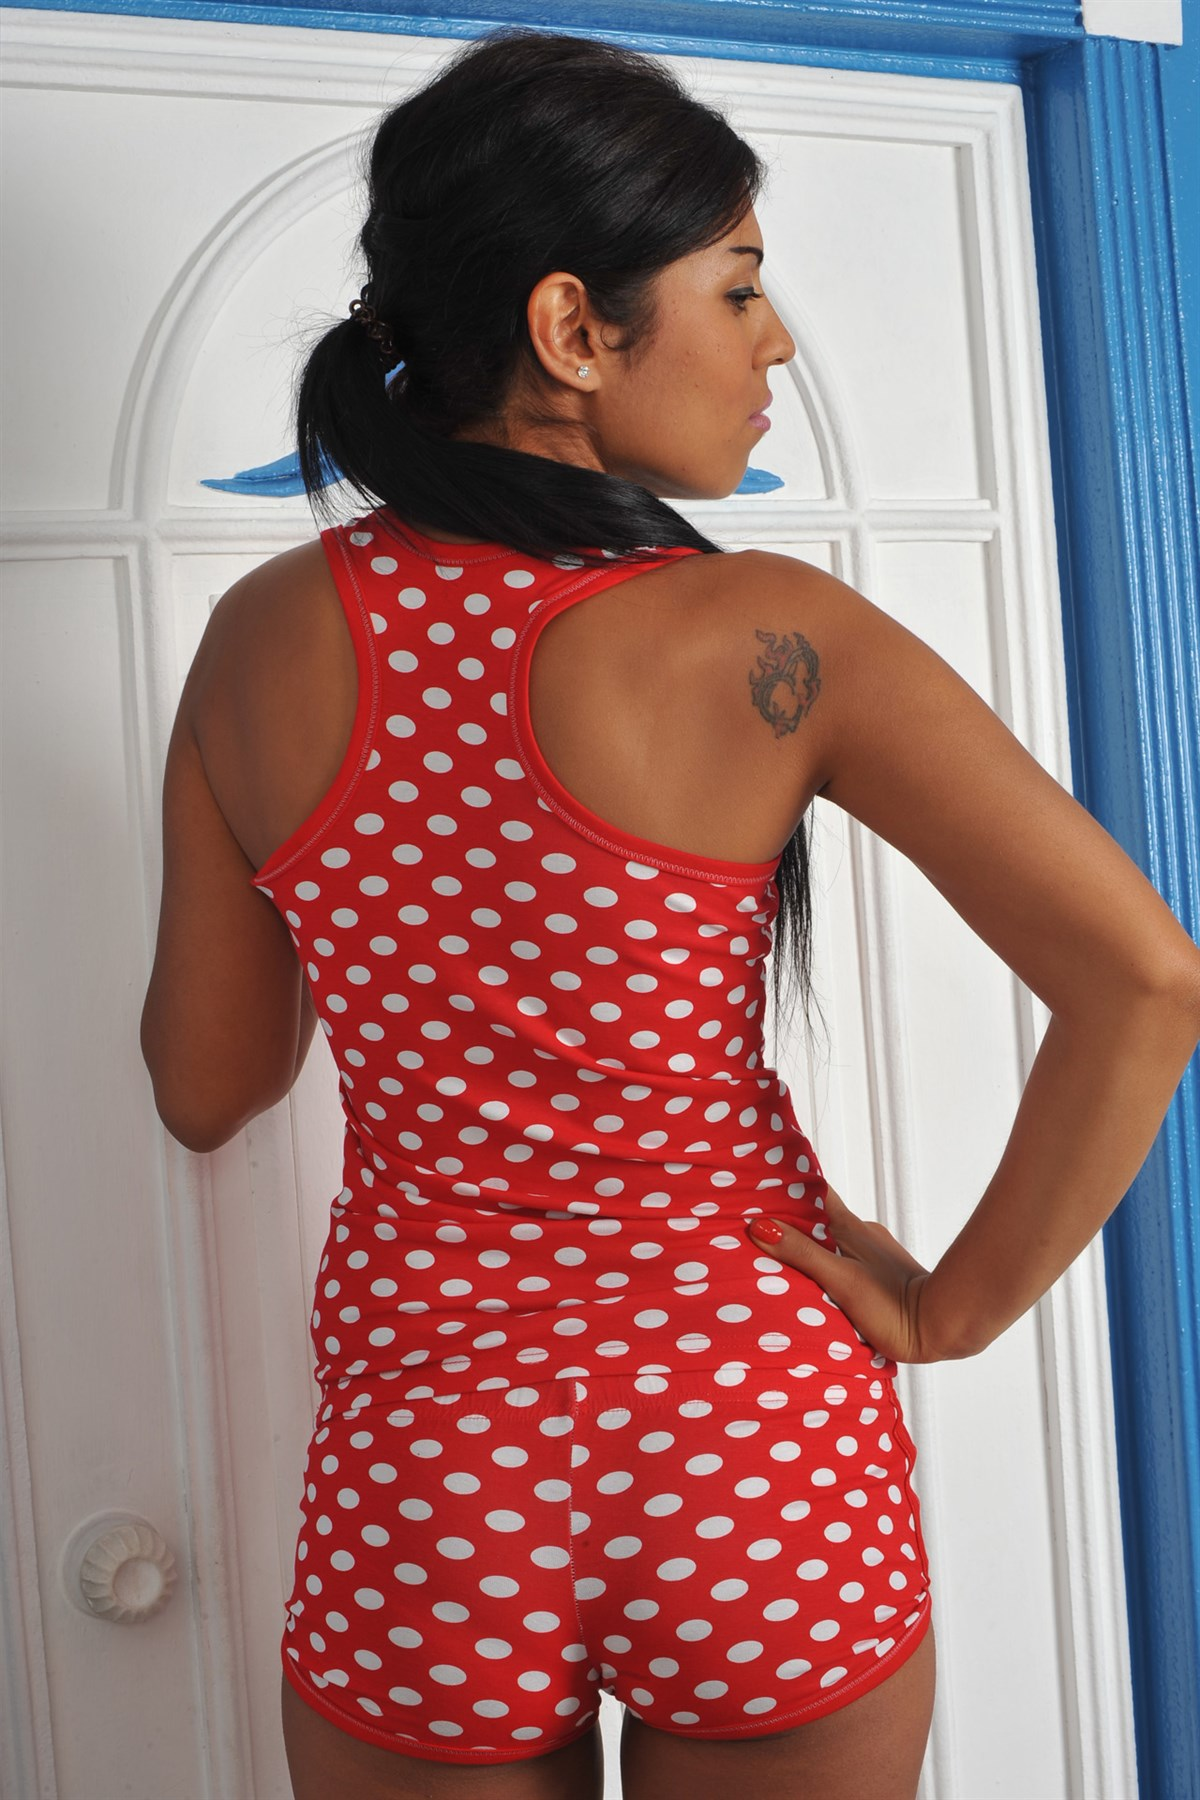 Moda Çizgi Kadın Kalın Askılı Kırmızı Beyaz Puantiyeli Şortlu Pijama Takımı 511K